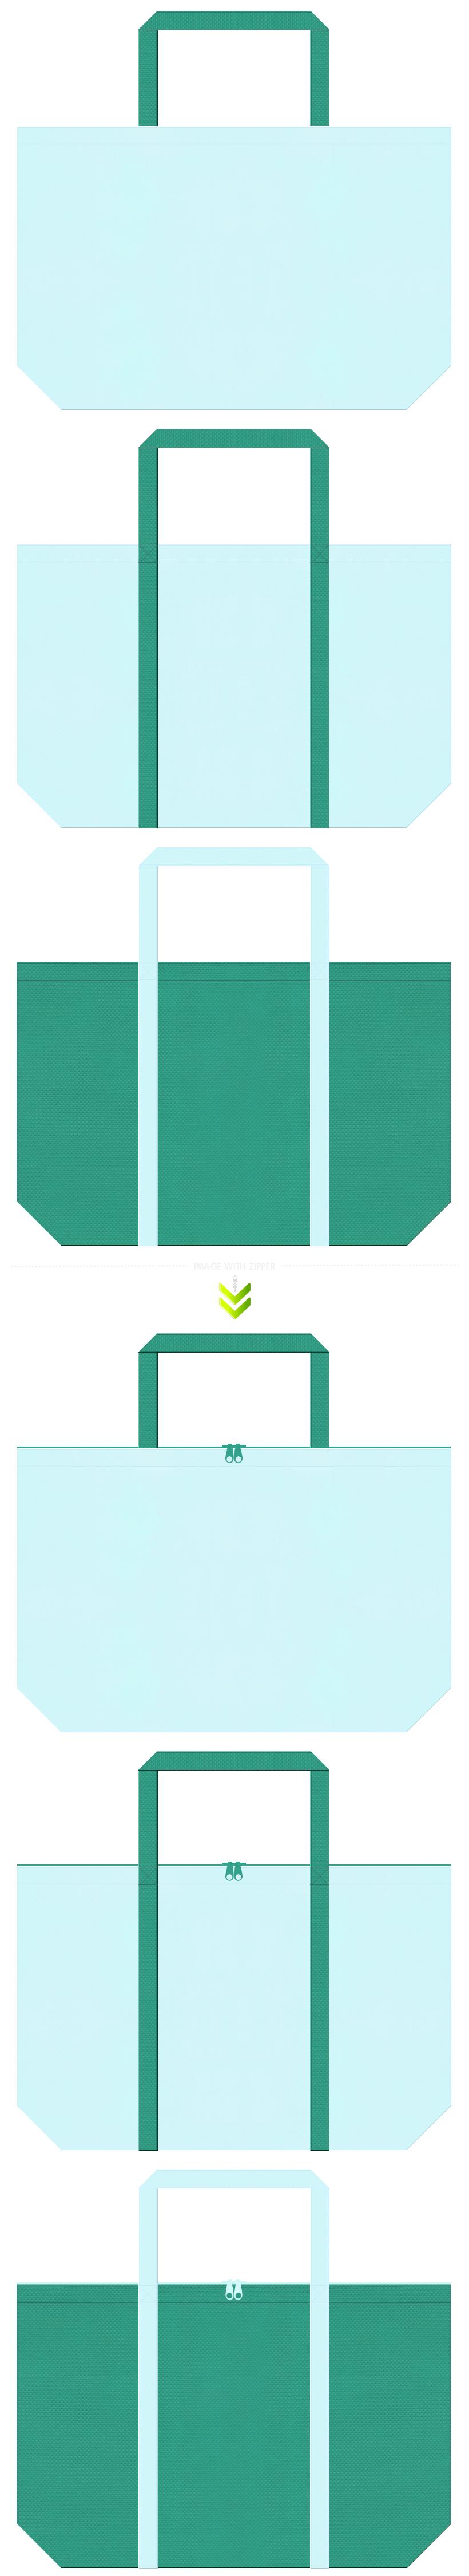 春夏・マリンルック・リーフ・湖面・リゾート・フレーバー・ペパーミント・シャーベット・ラムネ・アイスキャンディー・デンタル・入浴剤・お掃除・家庭用品・文具・水と環境・水資源・環境イベント・芝生・スプリンクラー・エクステリア・清潔・石鹸・洗剤・クリーニング・ランドリーバッグにお奨め不織布バッグデザイン:水色と青緑色のコーデ